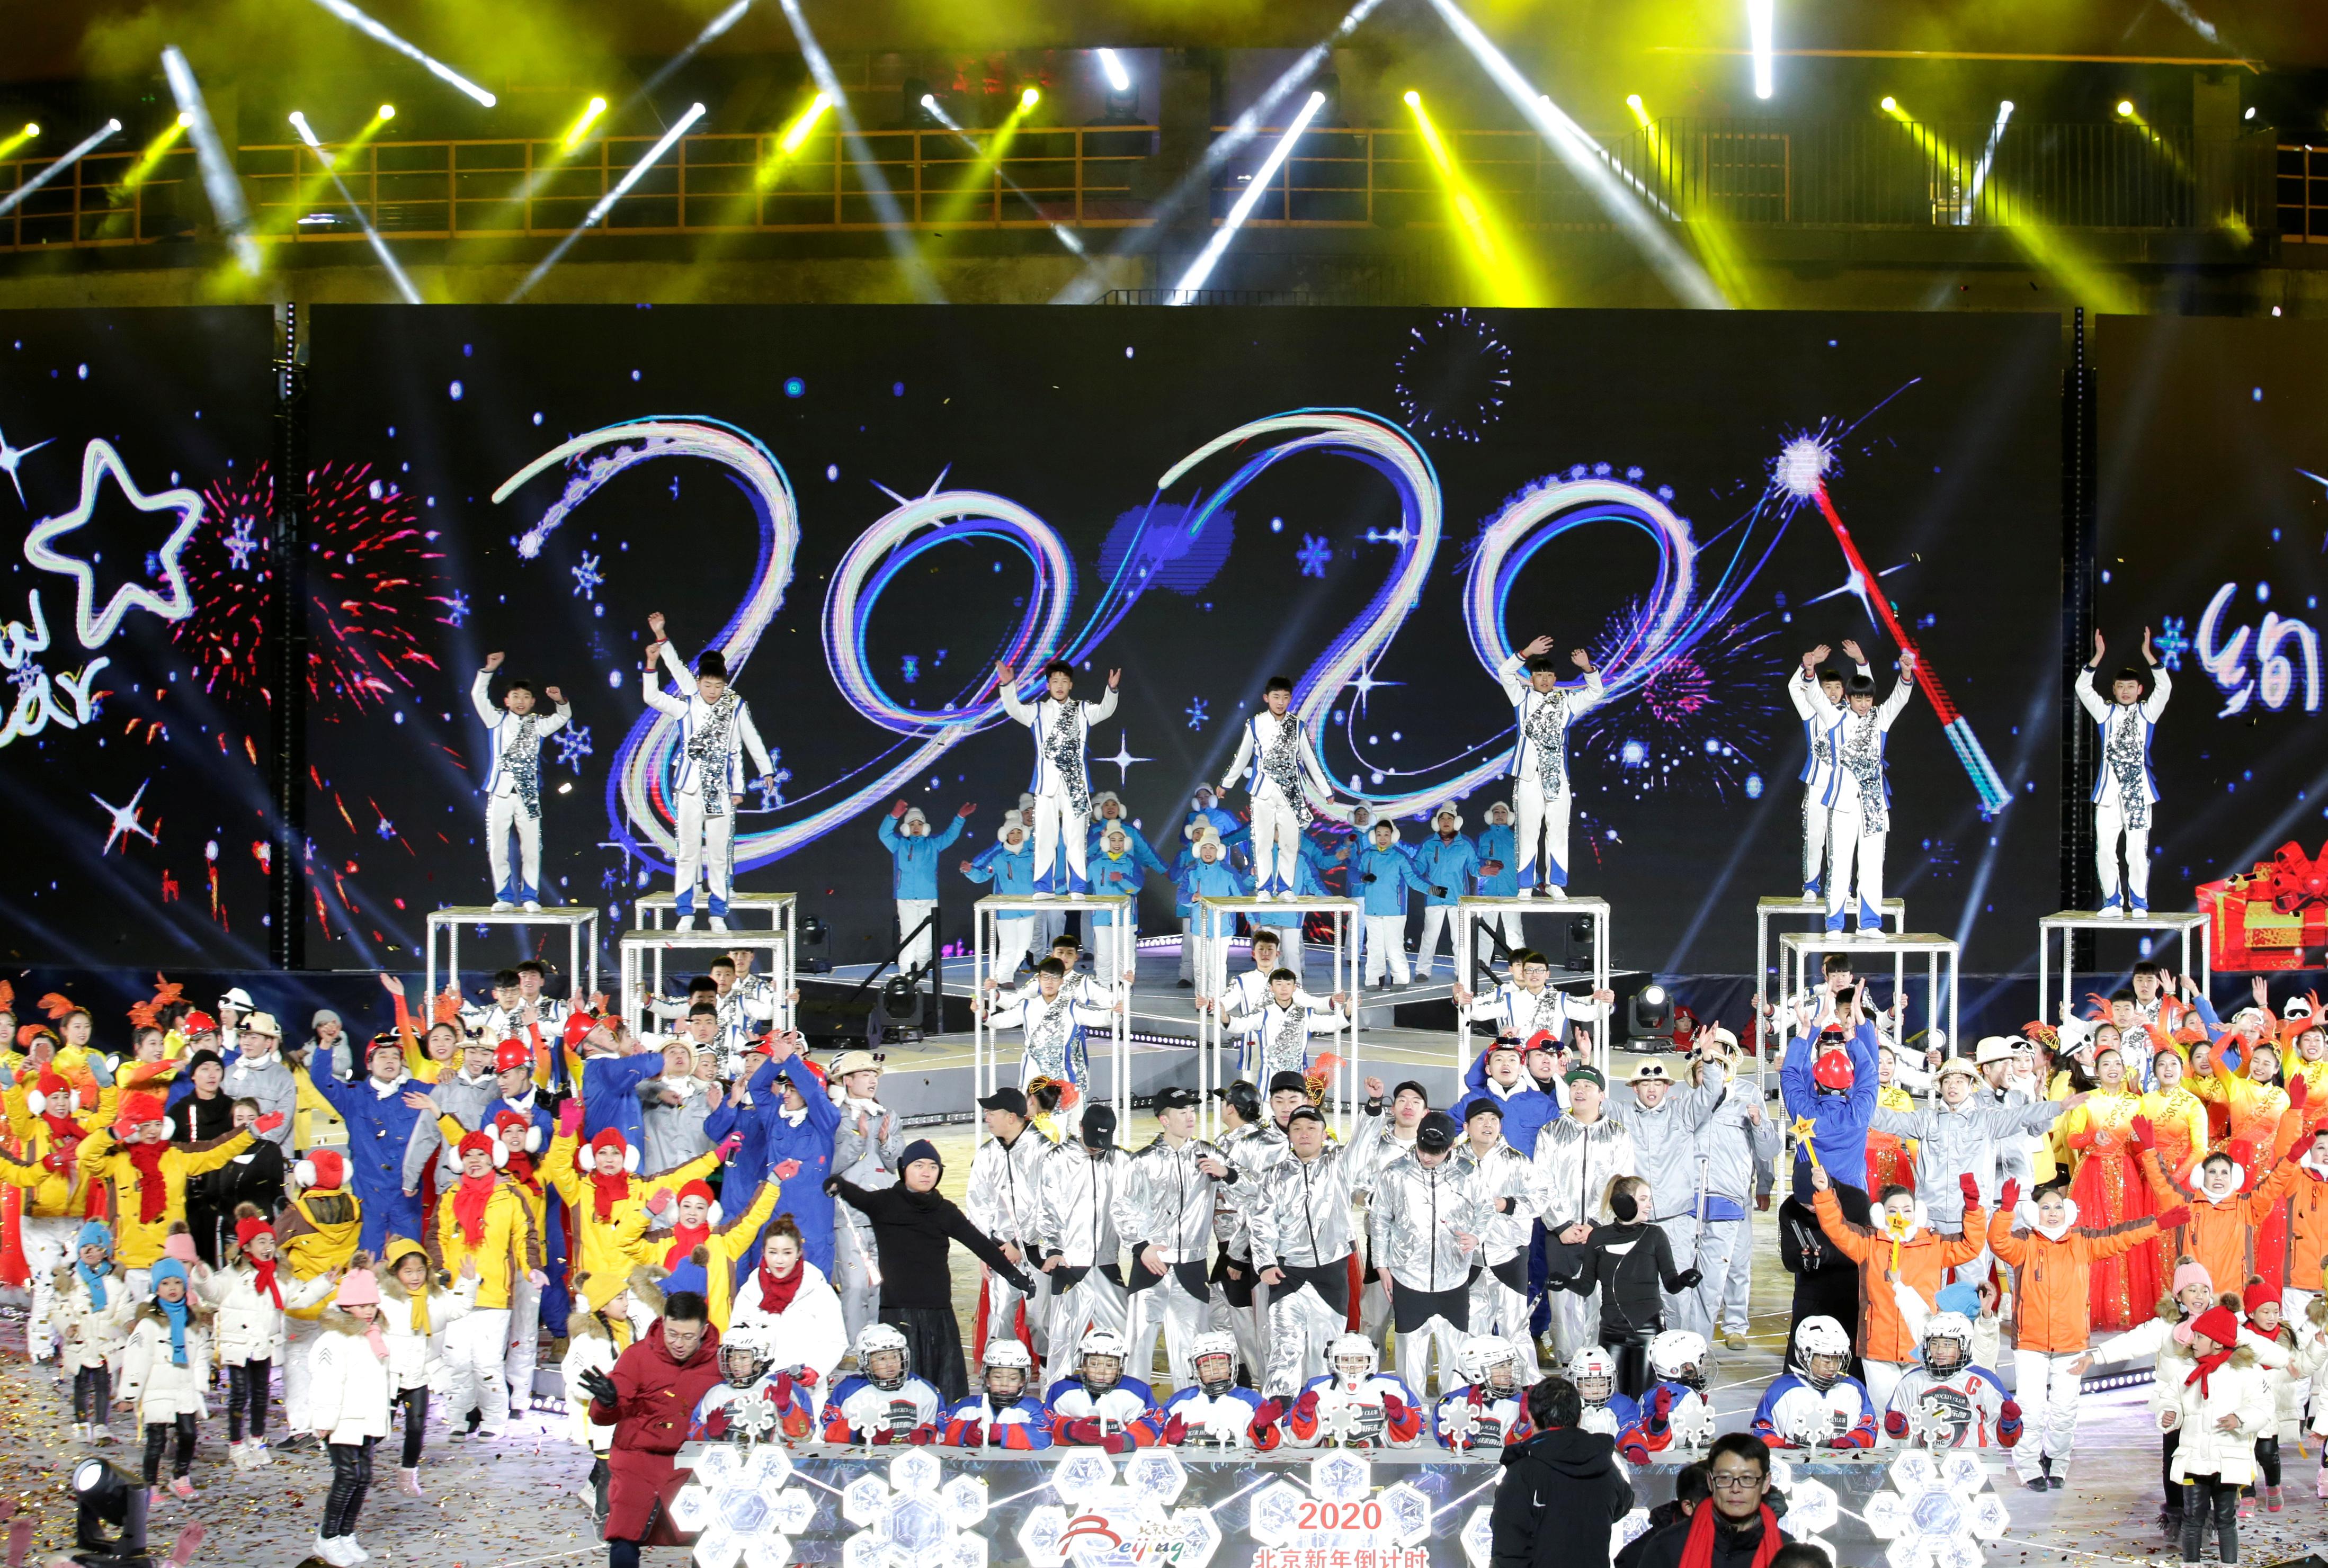 Celebración en Shougang, uno de los escenarios de los Juegos Olímpicos de invierno de 2022 en Beiing, China